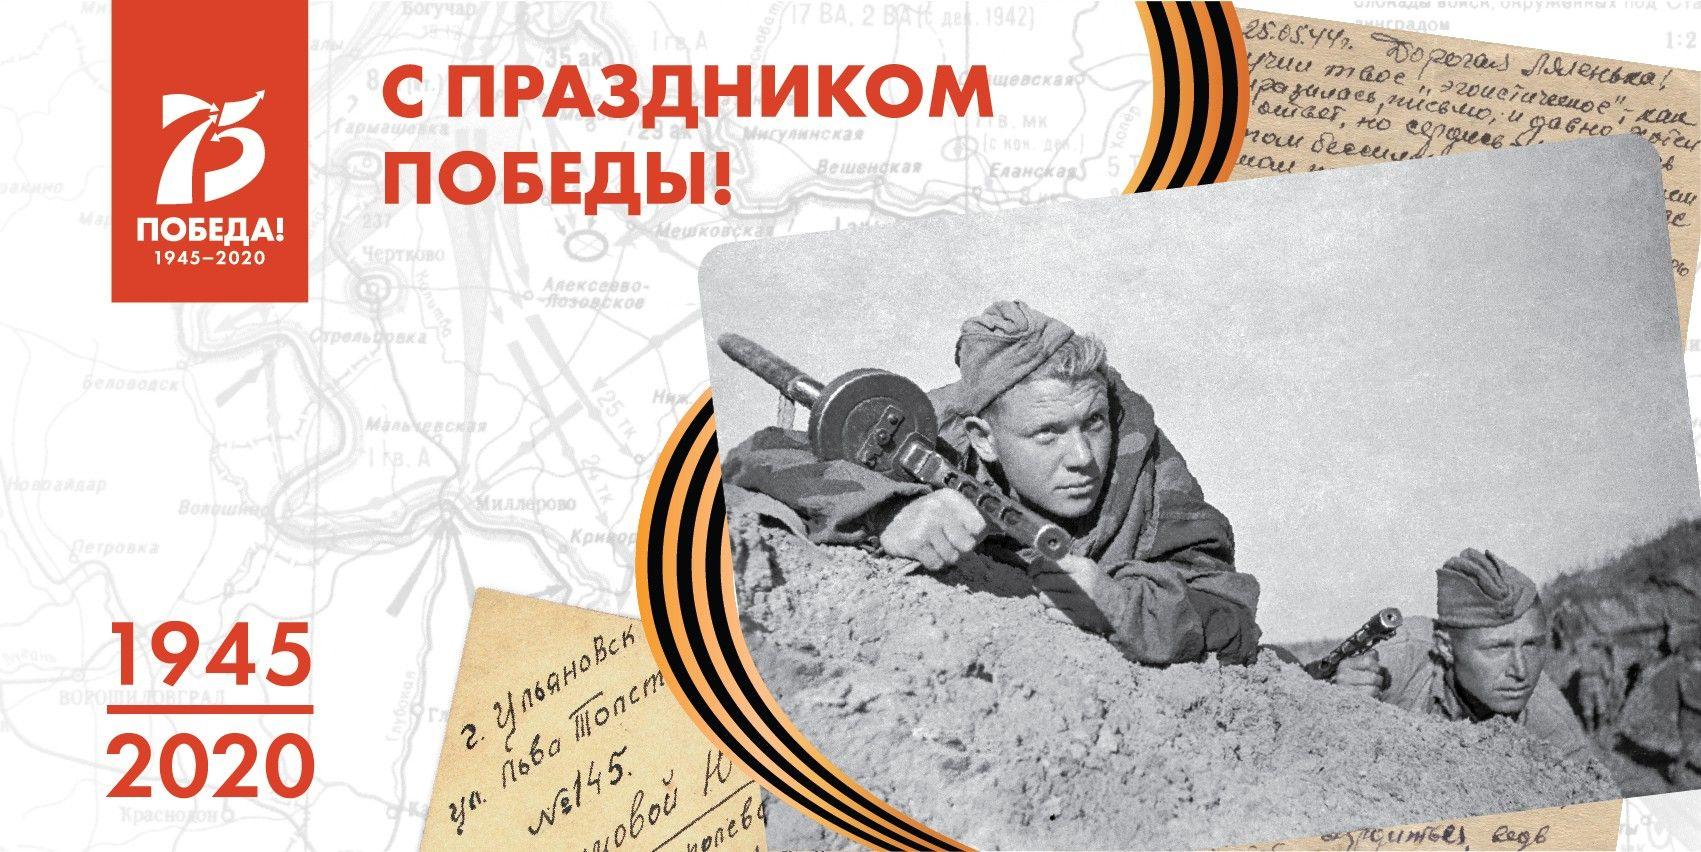 Великая Отечественная война  в воспоминаниях ученых СО РАН